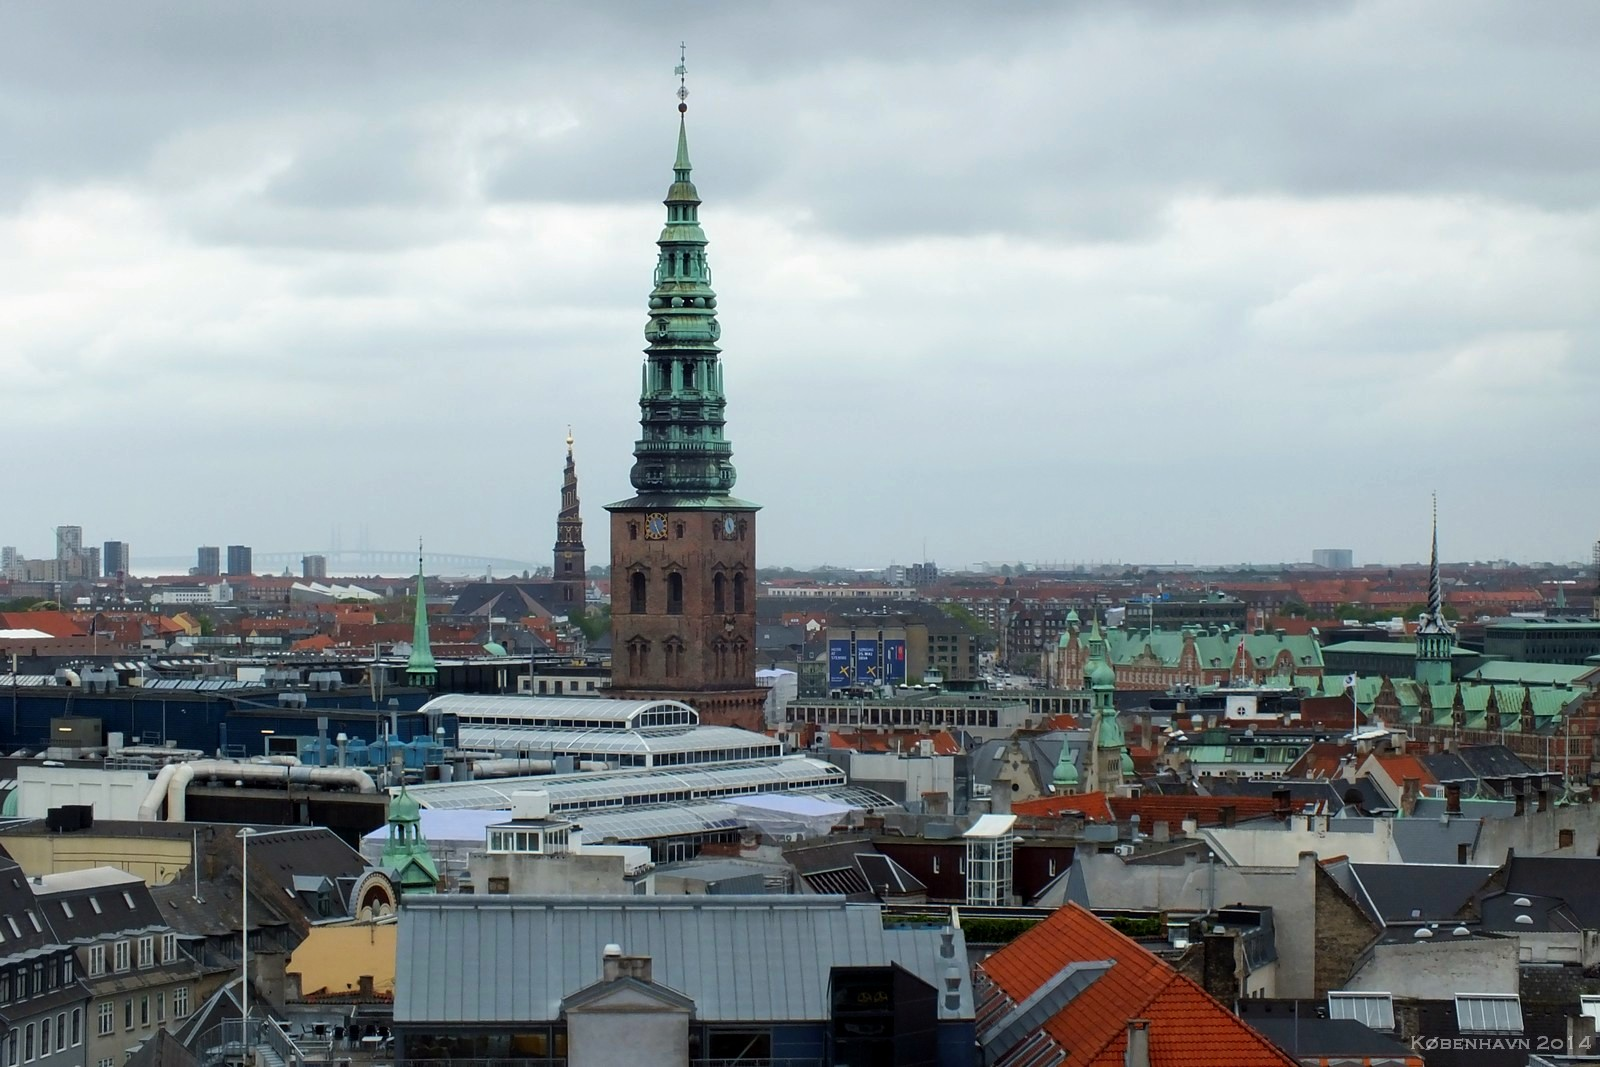 Rundetårn, København, Denmark